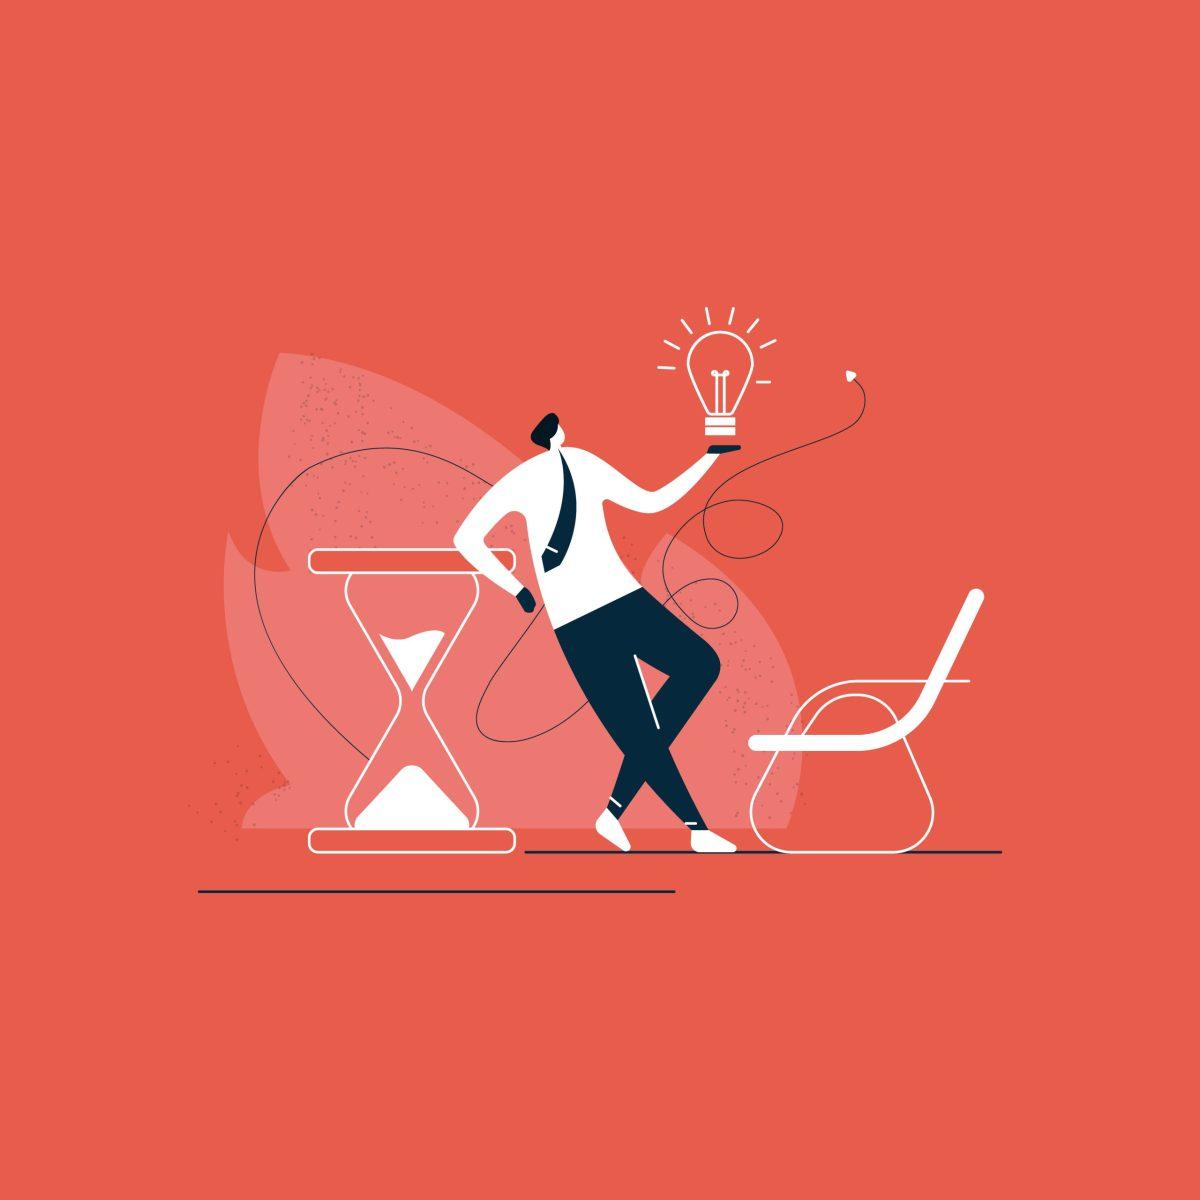 Ilustración que representa el concepto Insights con una persona emprendedora con las ideas claras